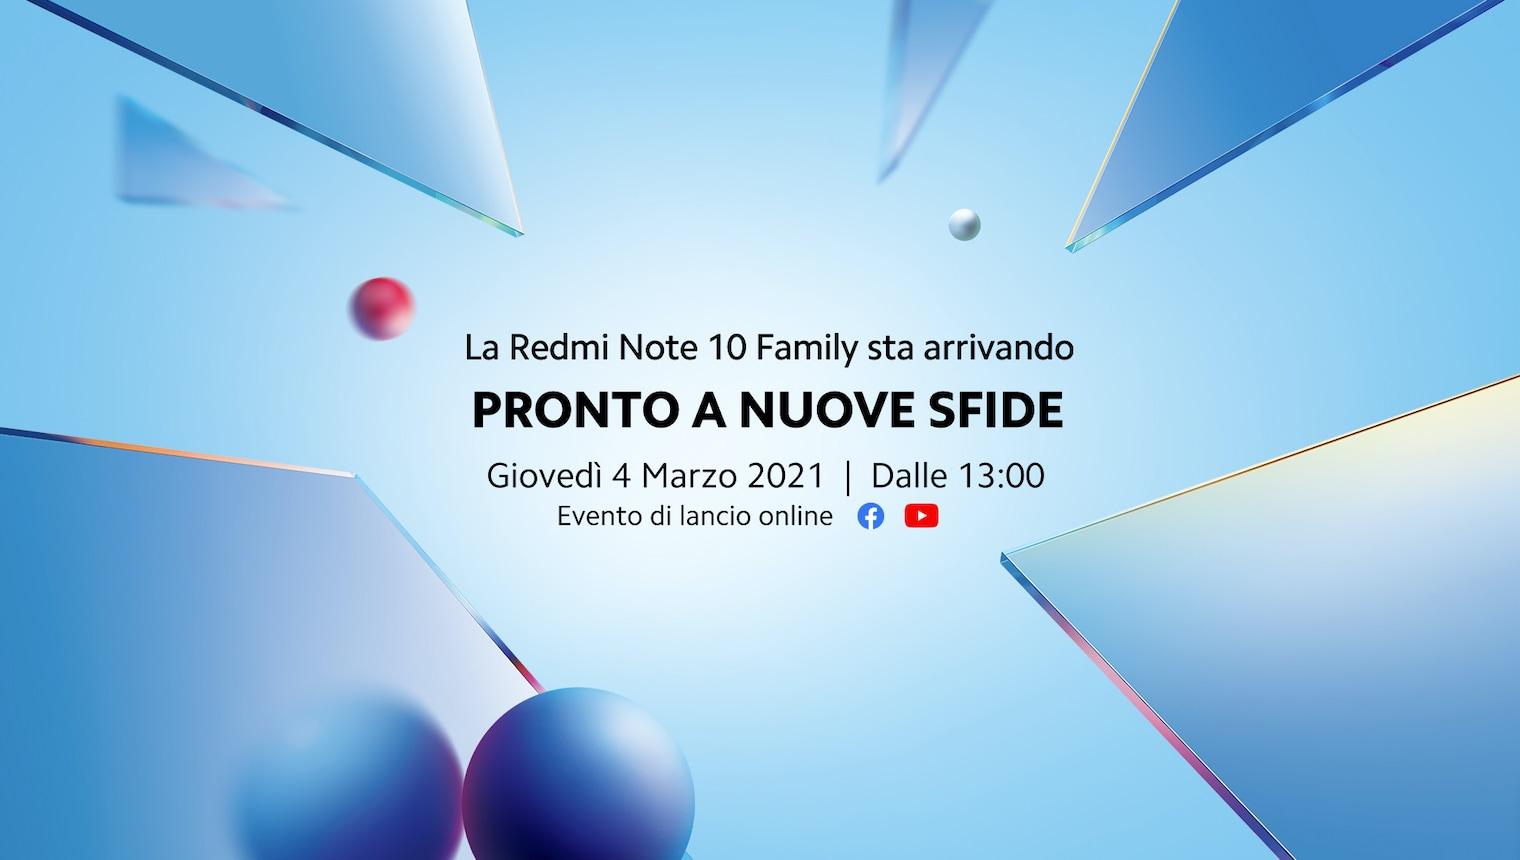 Redmi Note 10 in arrivo in Italia: come seguire in diretta il lancio di domani